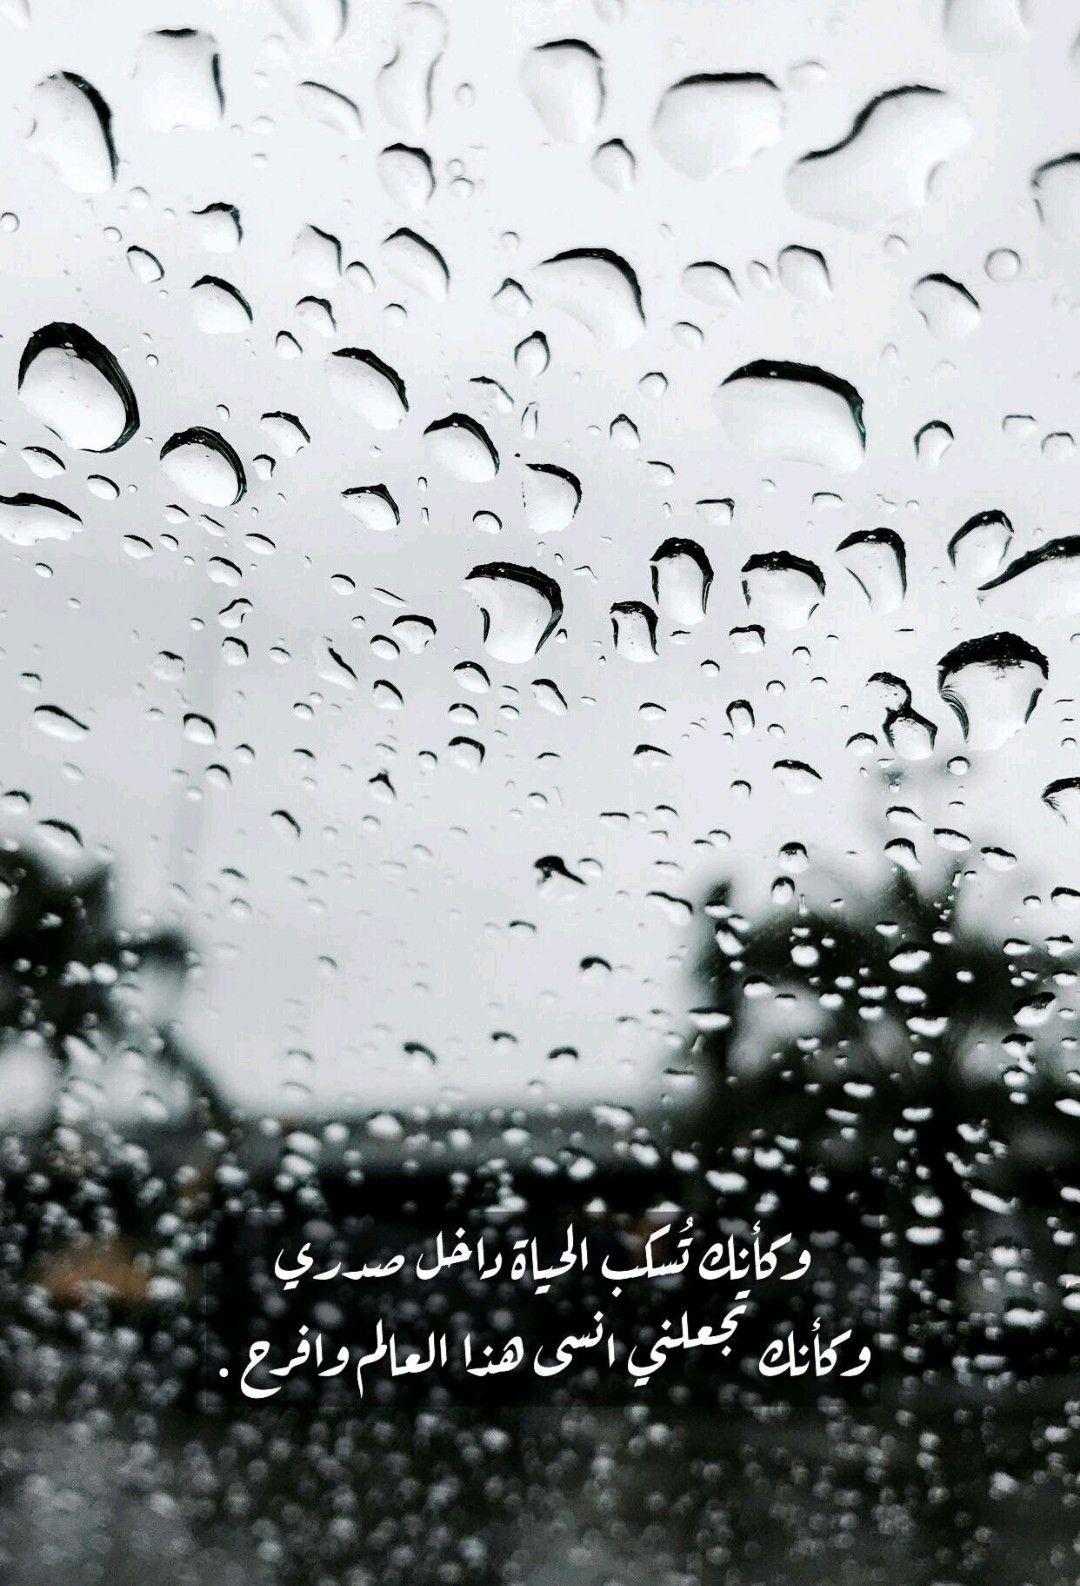 جميل جدا I Love Rain Photo Quotes Rain Quotes